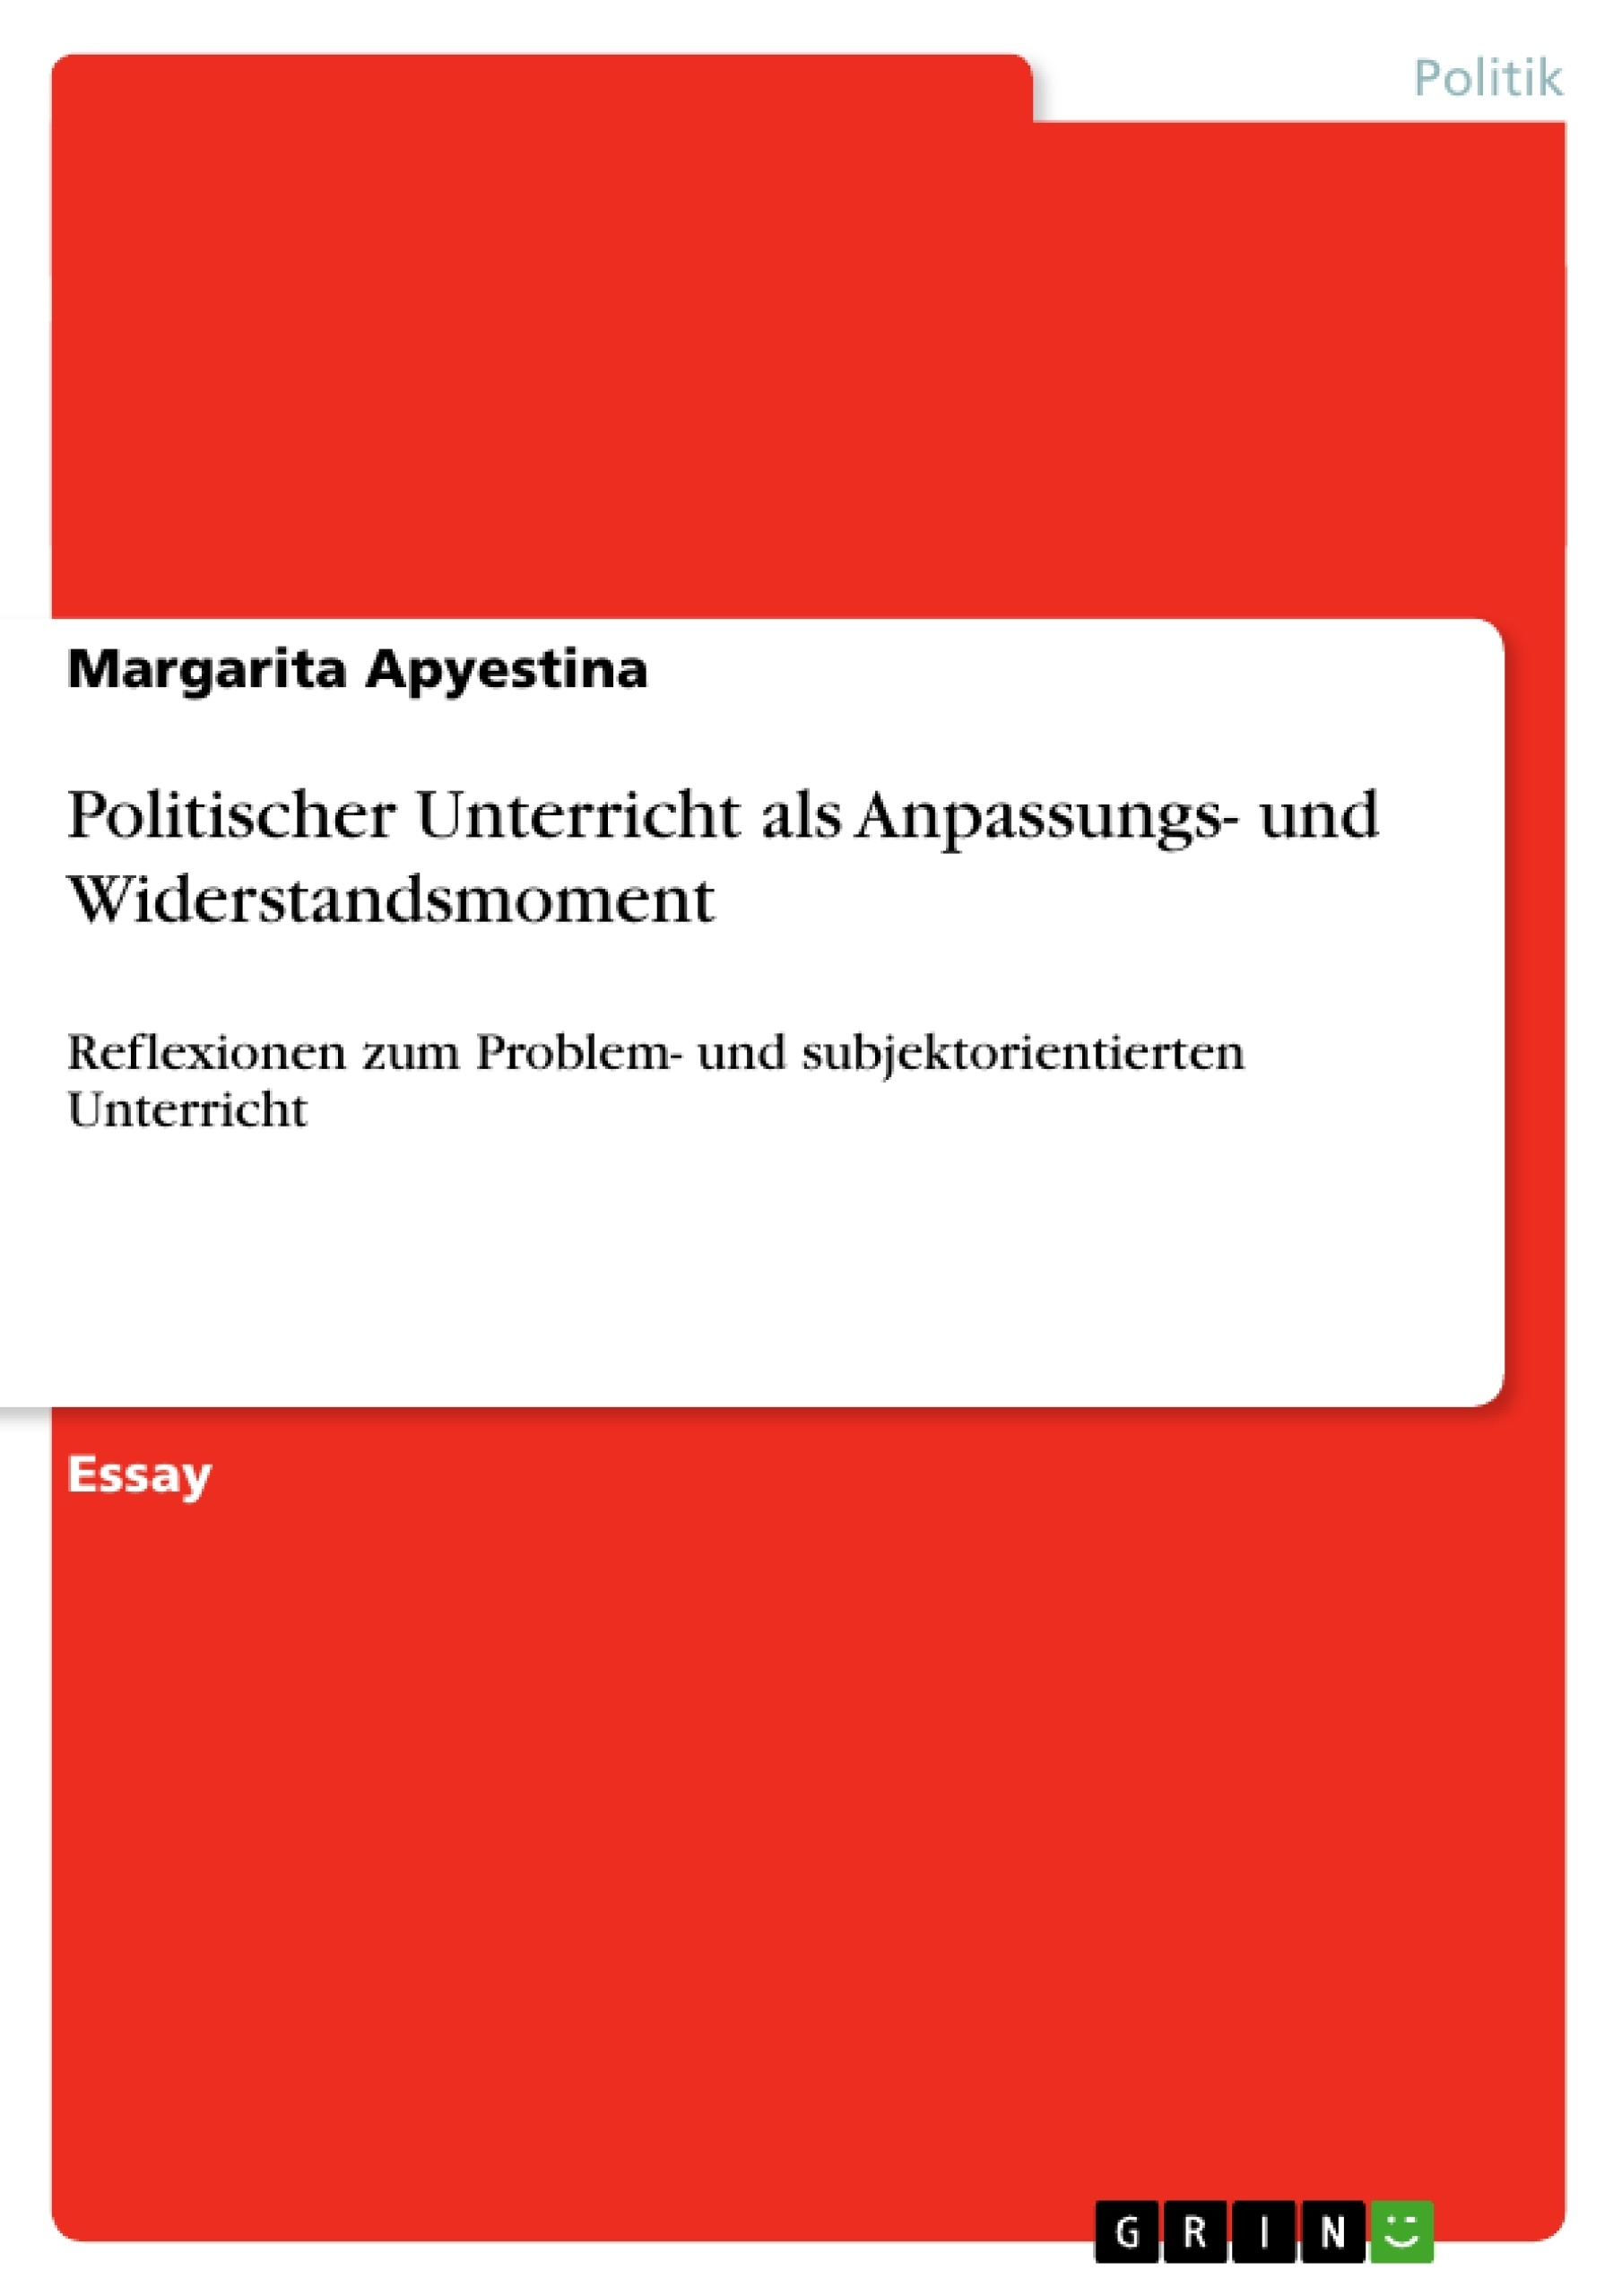 Titel: Politischer Unterricht als Anpassungs- und Widerstandsmoment